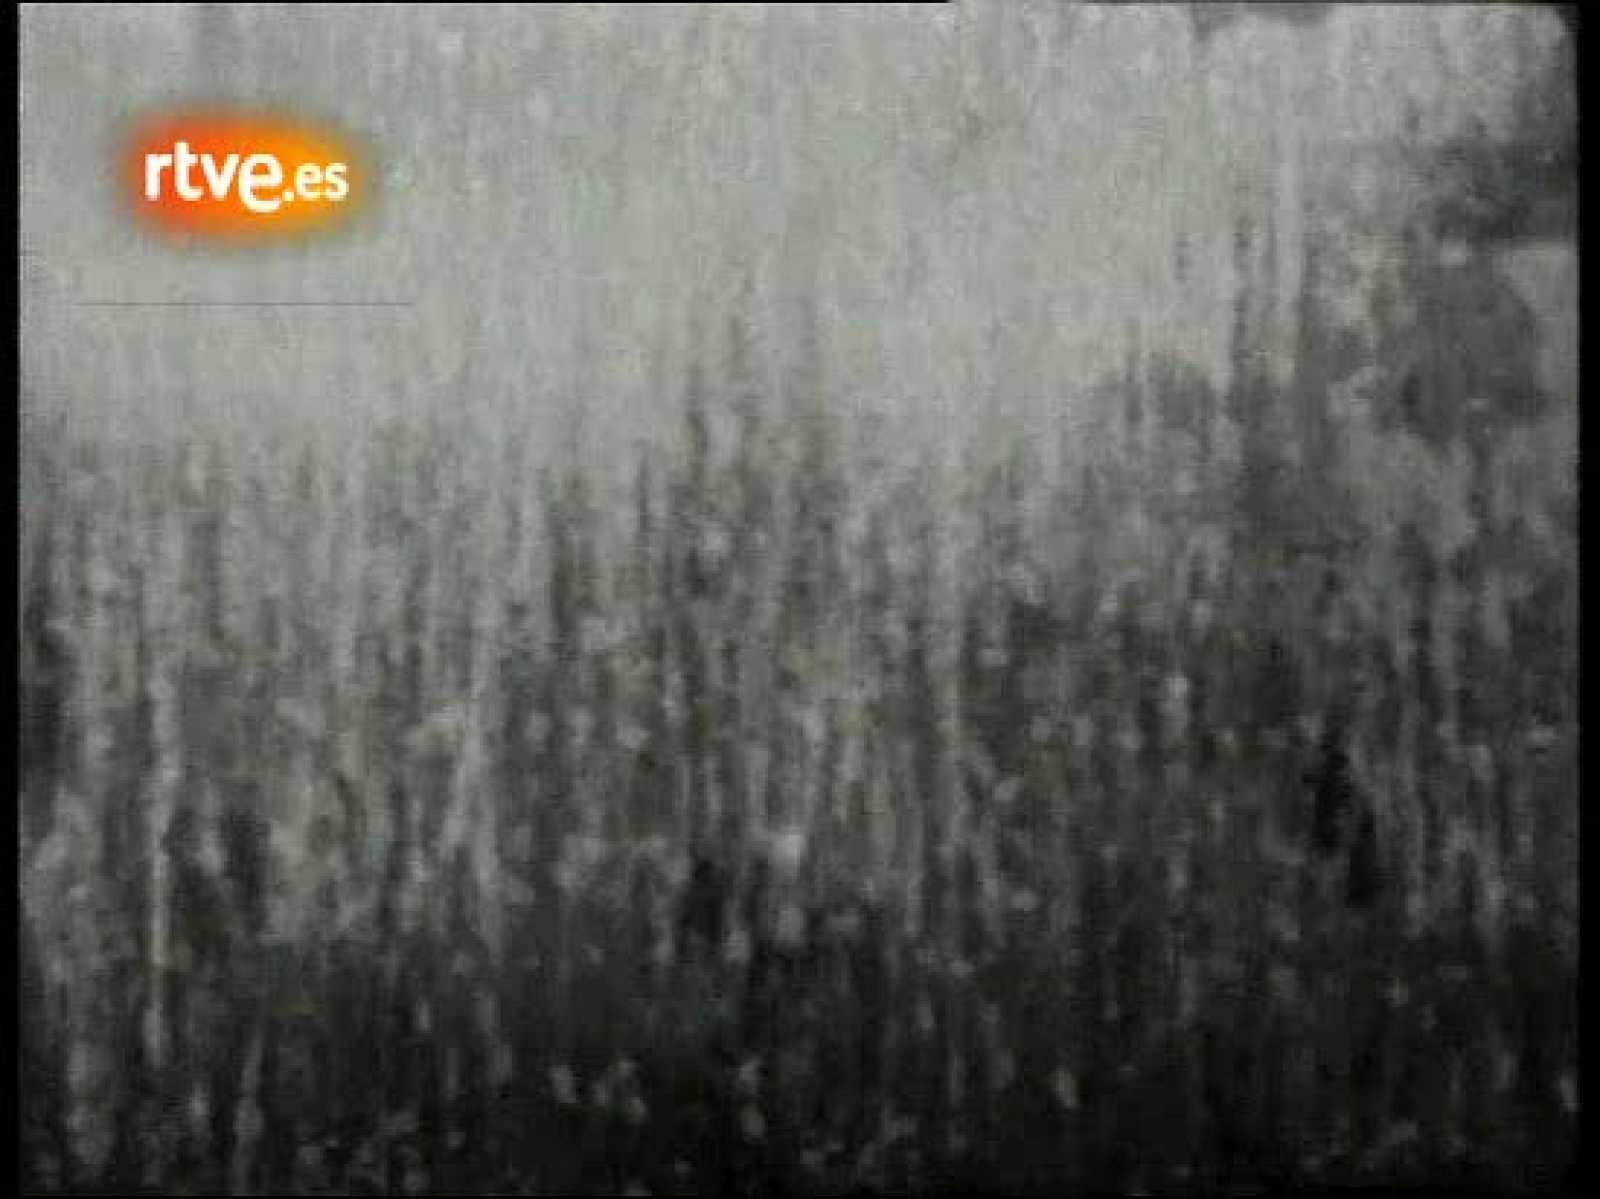 Música sí - Entrevista a Mecano y presentación del videocilp 'Stereosexual'